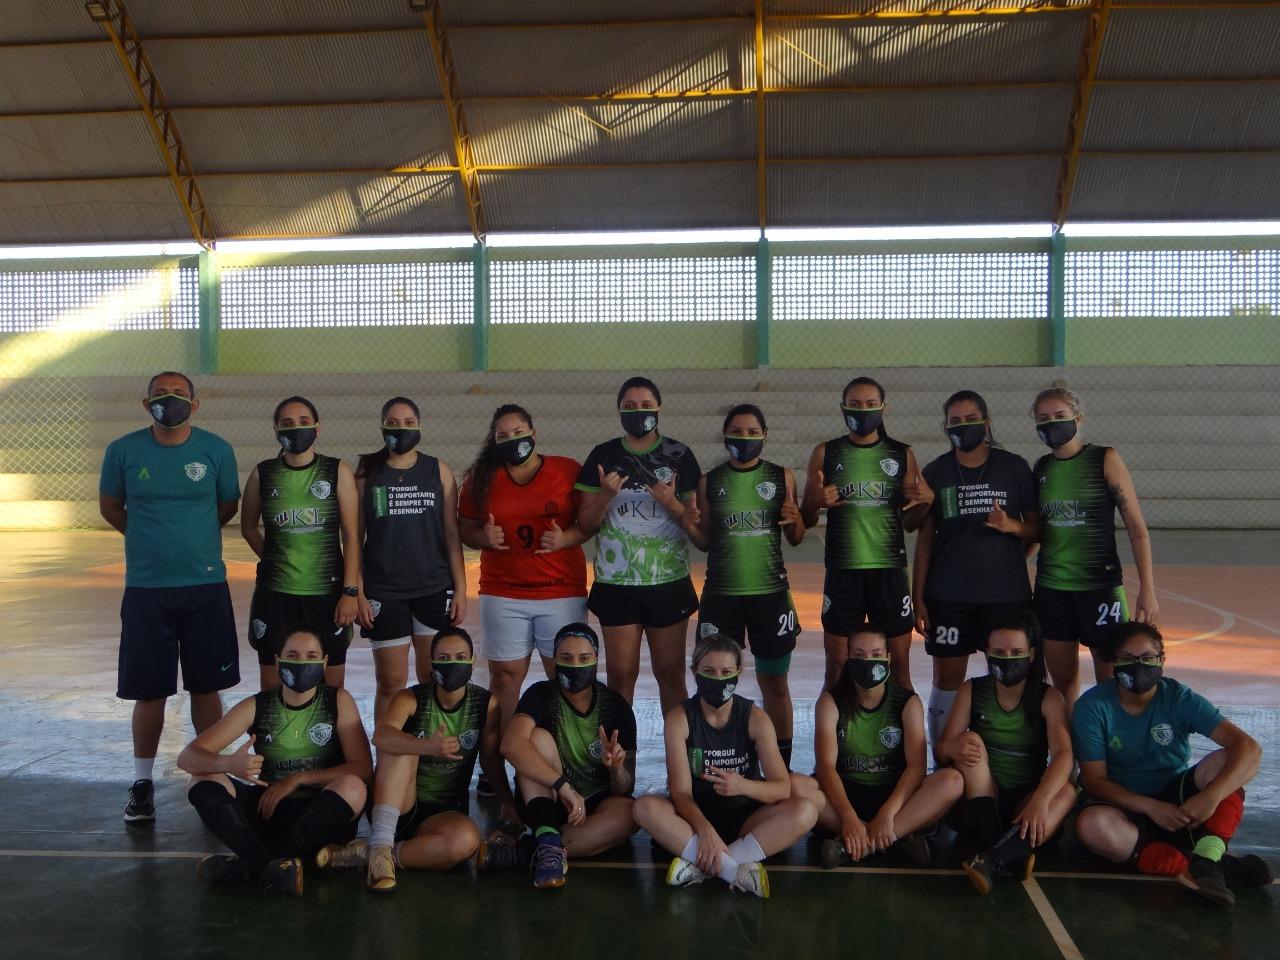 Clube Campestre/Resenhas já está se preparando para o 2º Campeonato Brasileiro de Futsal Feminino